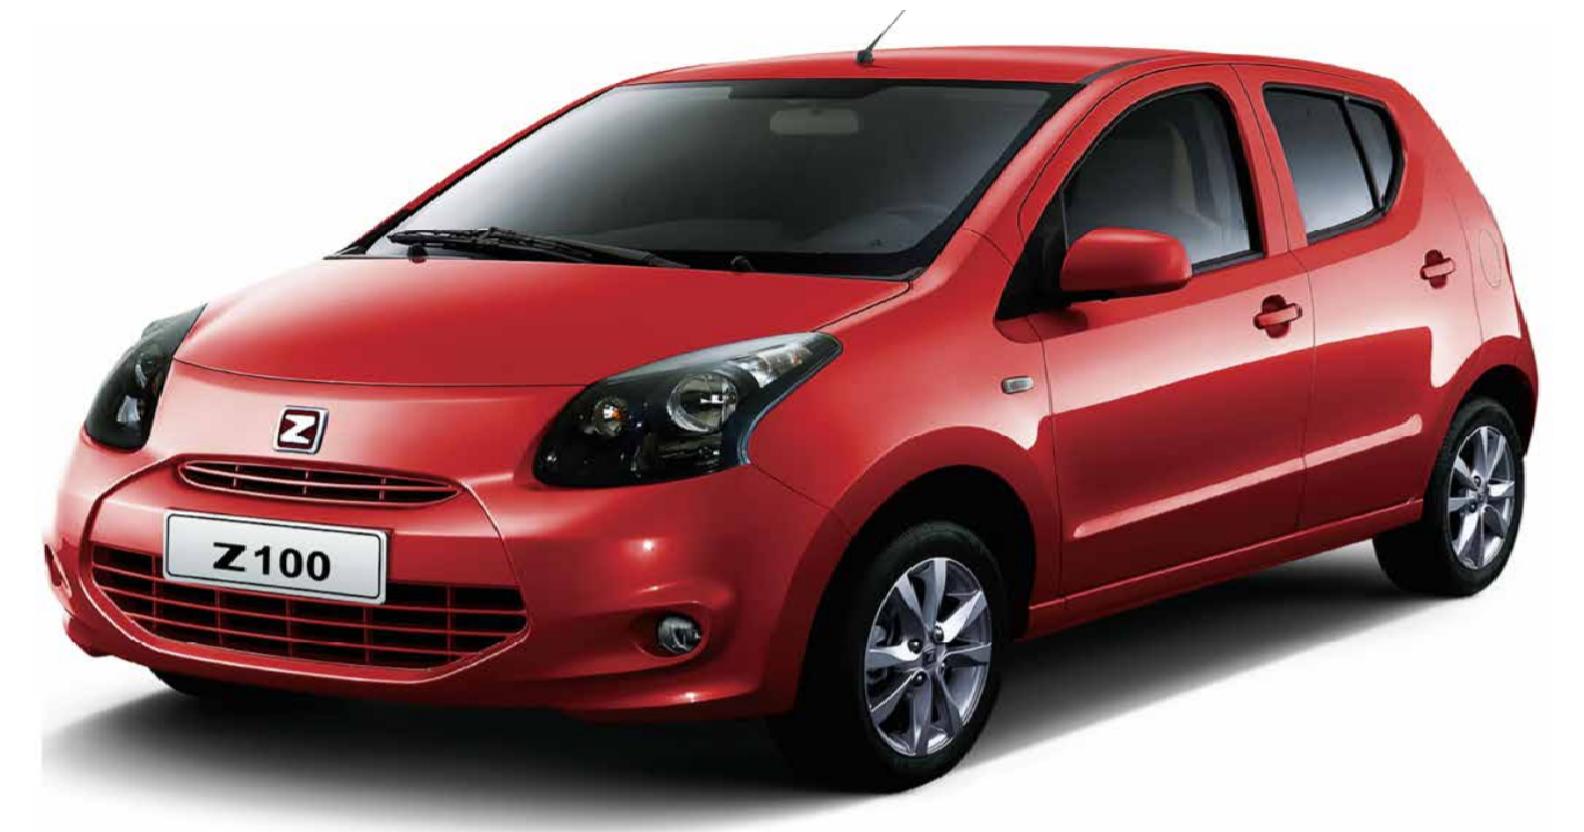 صورة أرخص سيارة في مصر 2020 .. تعرف على كافة التفاصيل